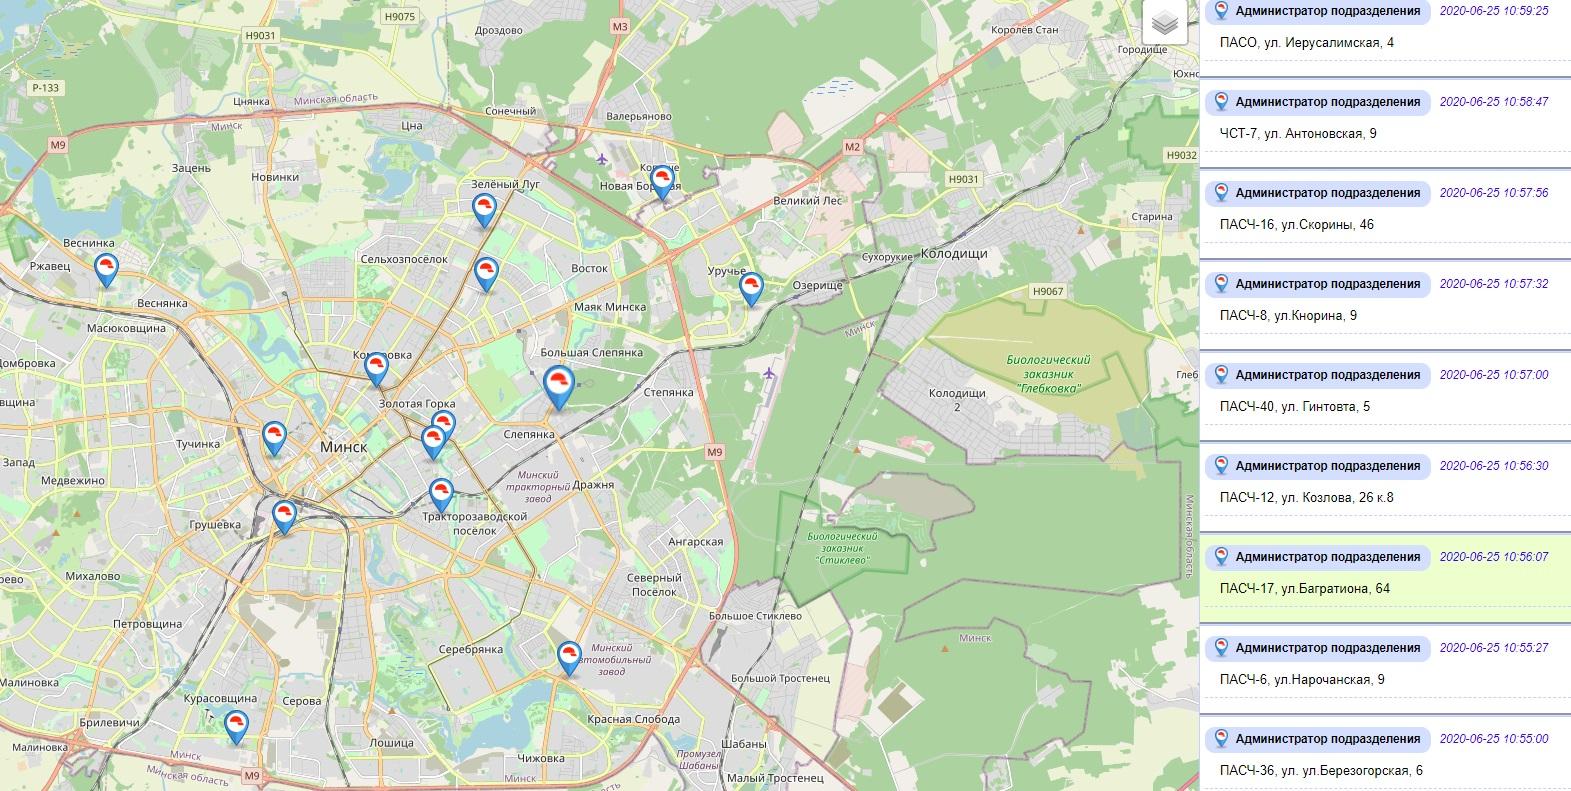 МЧС сделало карту подразделений Минска, где можно набрать воды